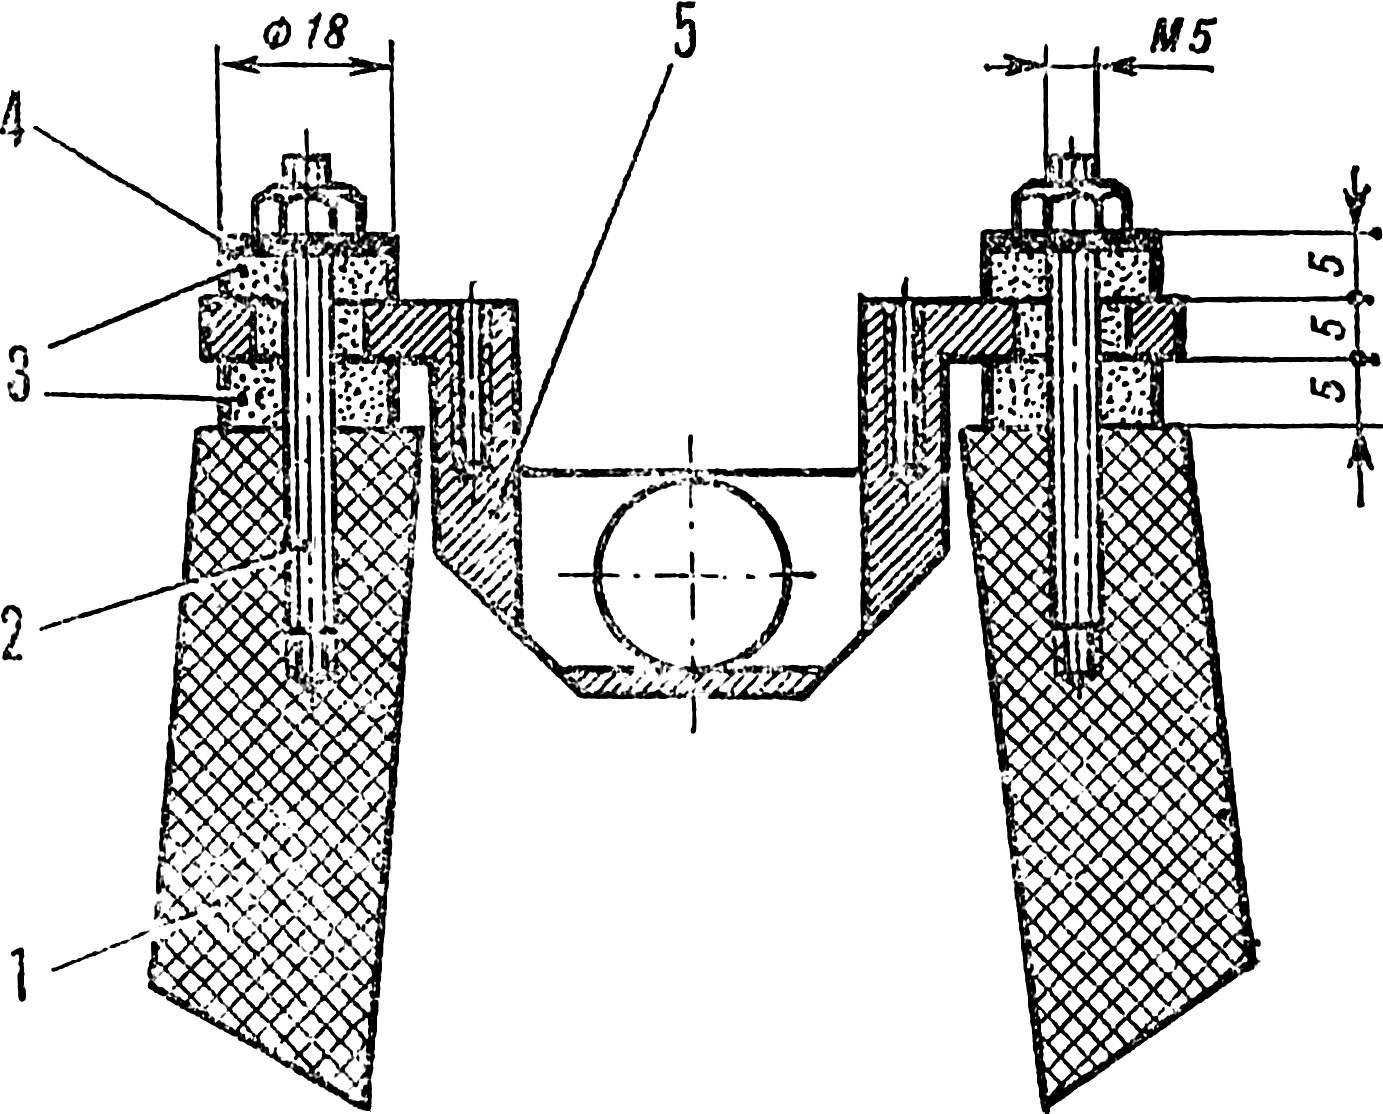 Рис. 2. Установка моторамы.